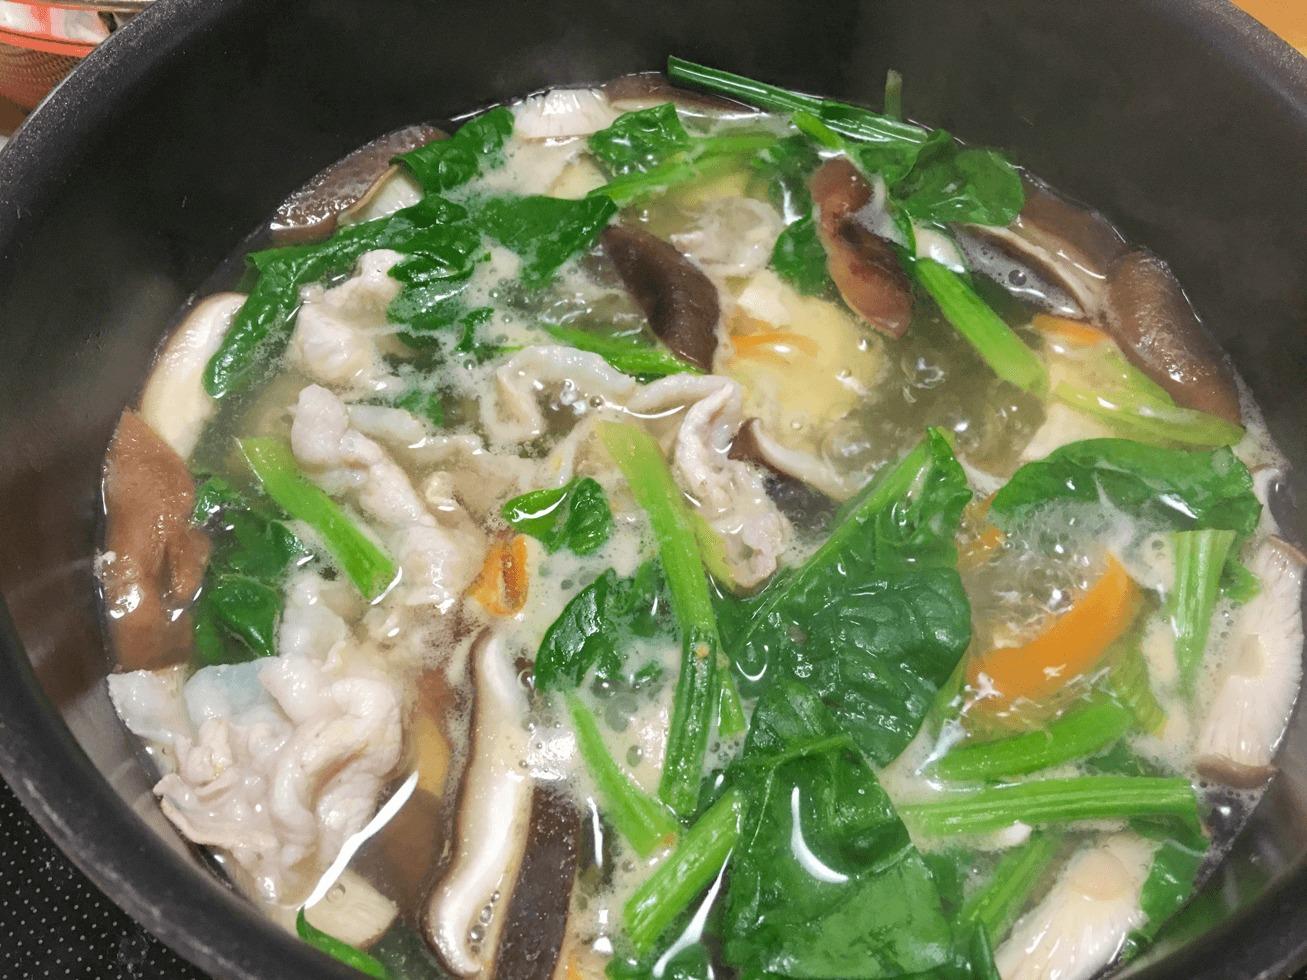 ほうれん草と豚肉とシイタケの塩レモン鍋の写真